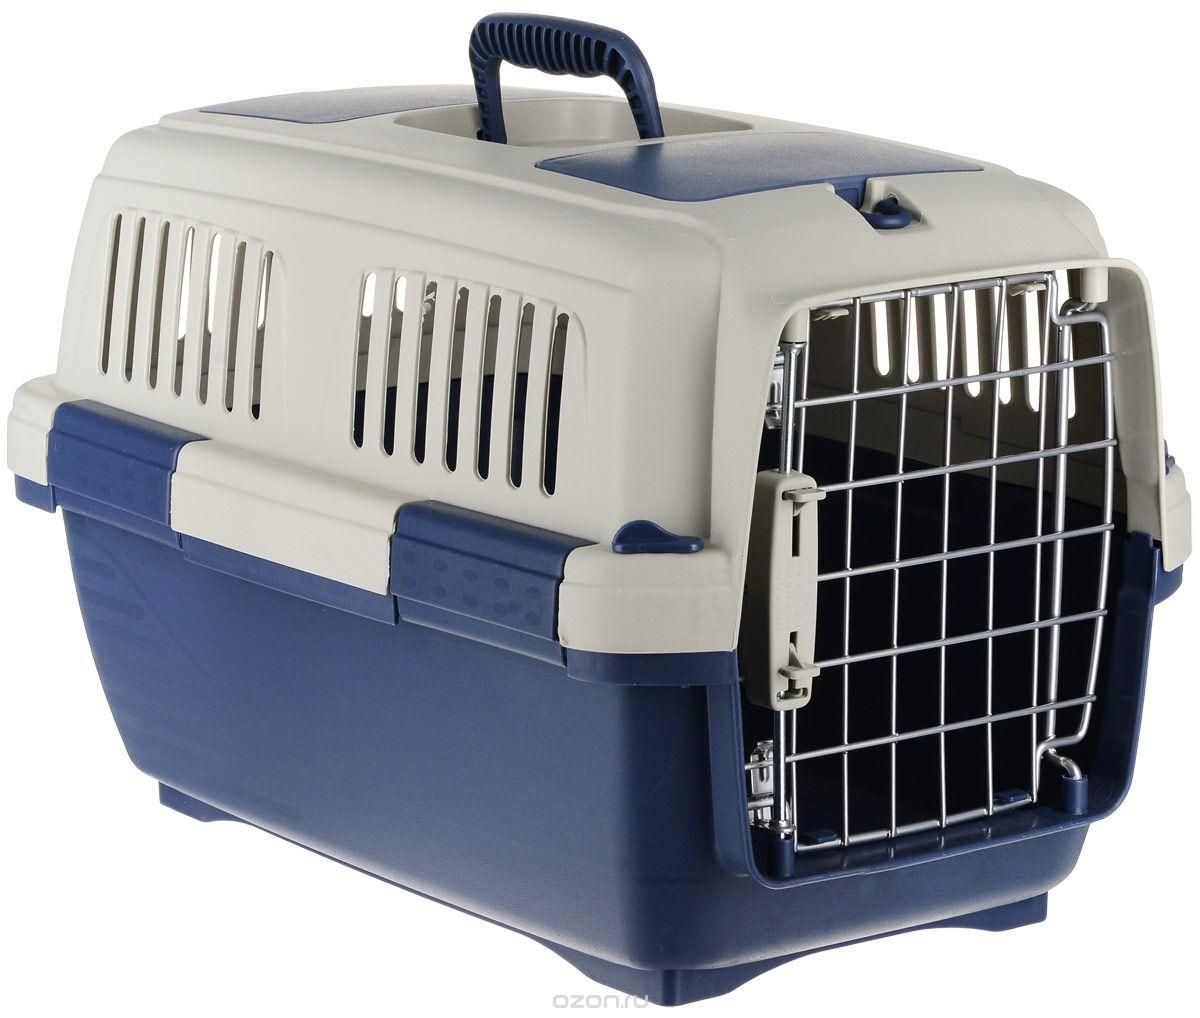 Переноска для животных Marchioro  Tortuga 2 , цвет: синий, бежевый, 57 х 37 х 36 см - Переноски, товары для транспортировки